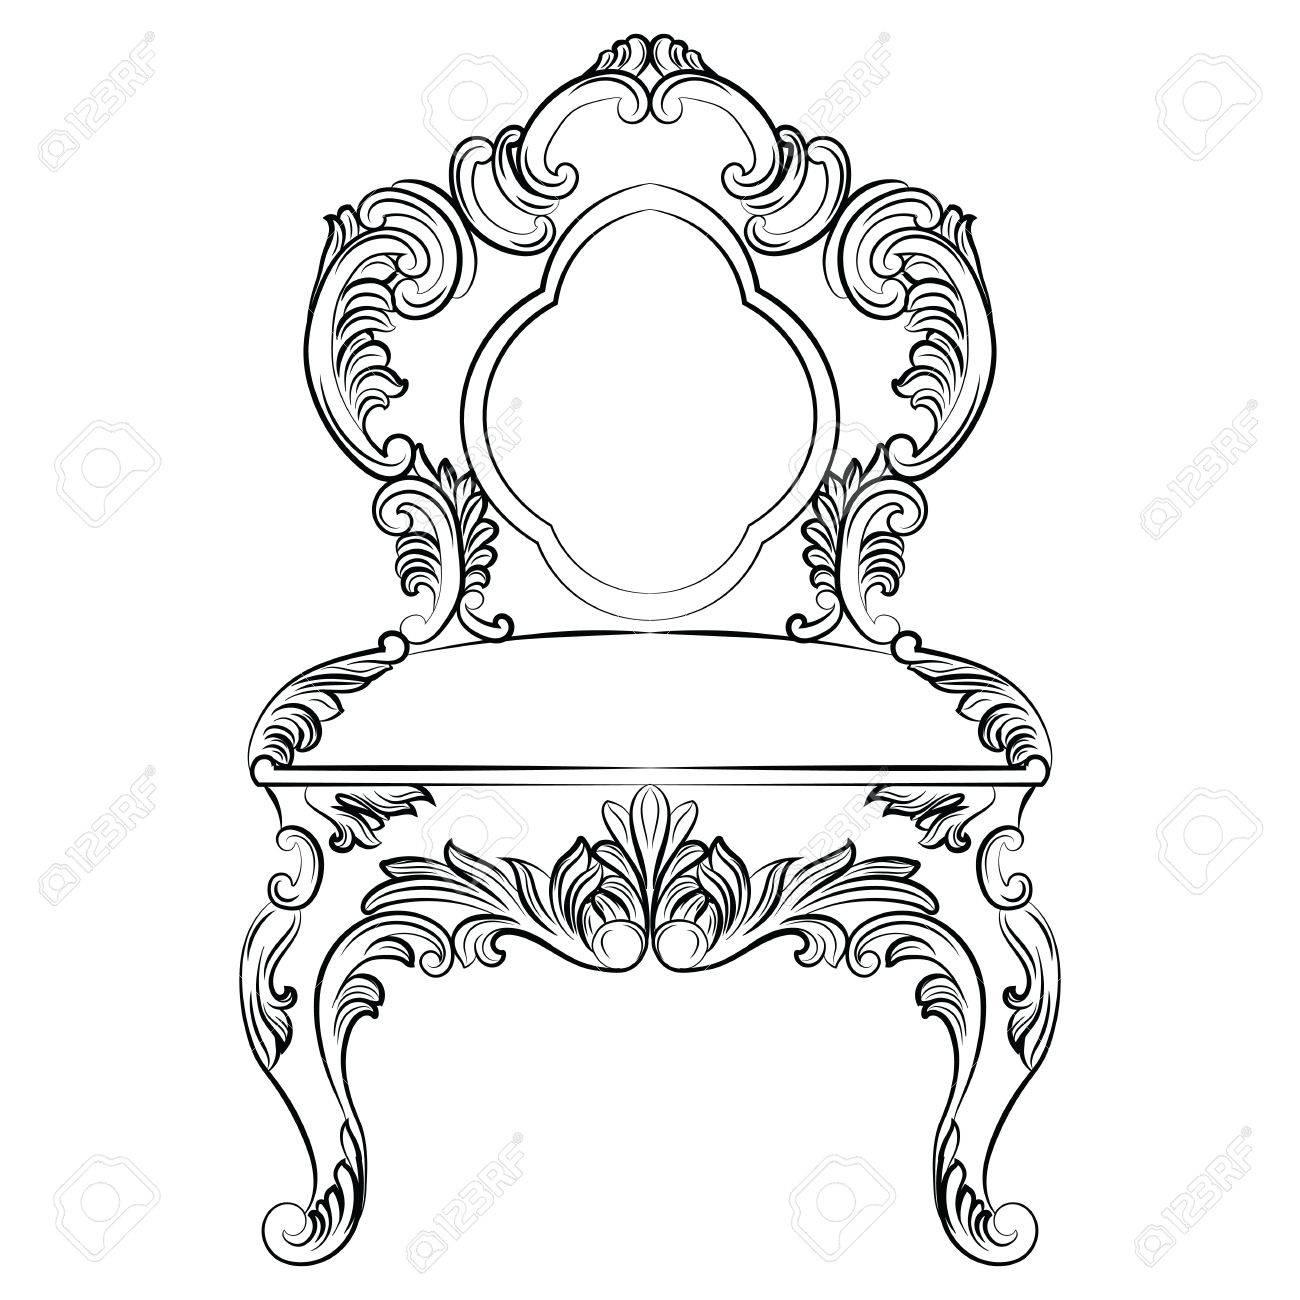 Vector Viktorianischen Exquisiten Stil Möbel. Barock Luxus Stil Stuhl.  Elegante Möblierung Mit Luxuus Reichen Verzierungen. Französisch Luxus Reich